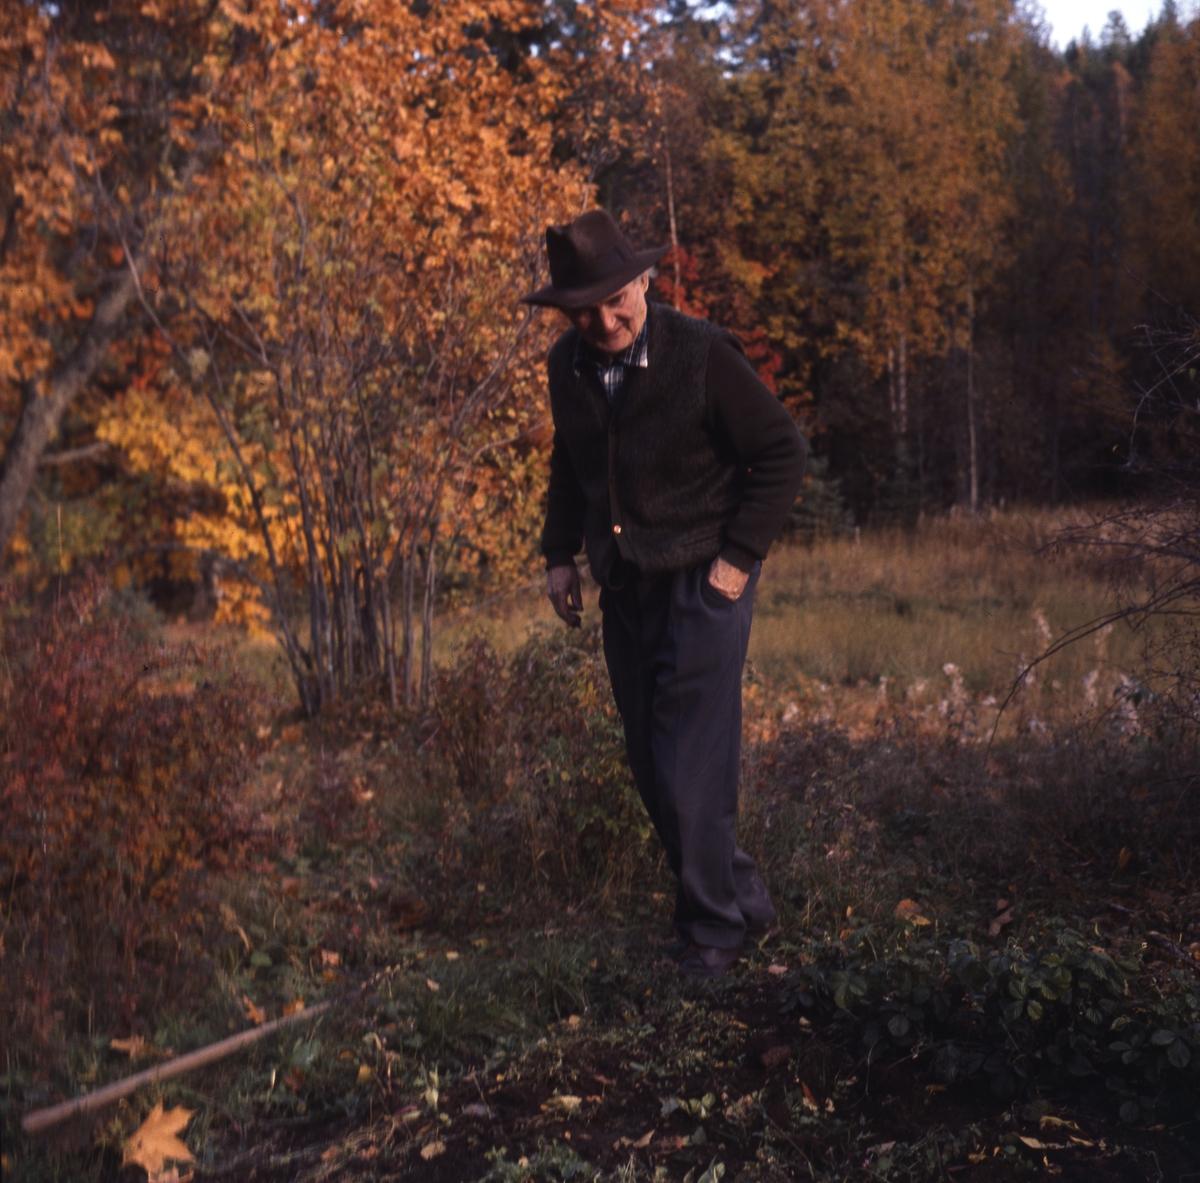 Albert Viksten vid sitt potatisland i en skogsglänta. Naturen har höstfärger.